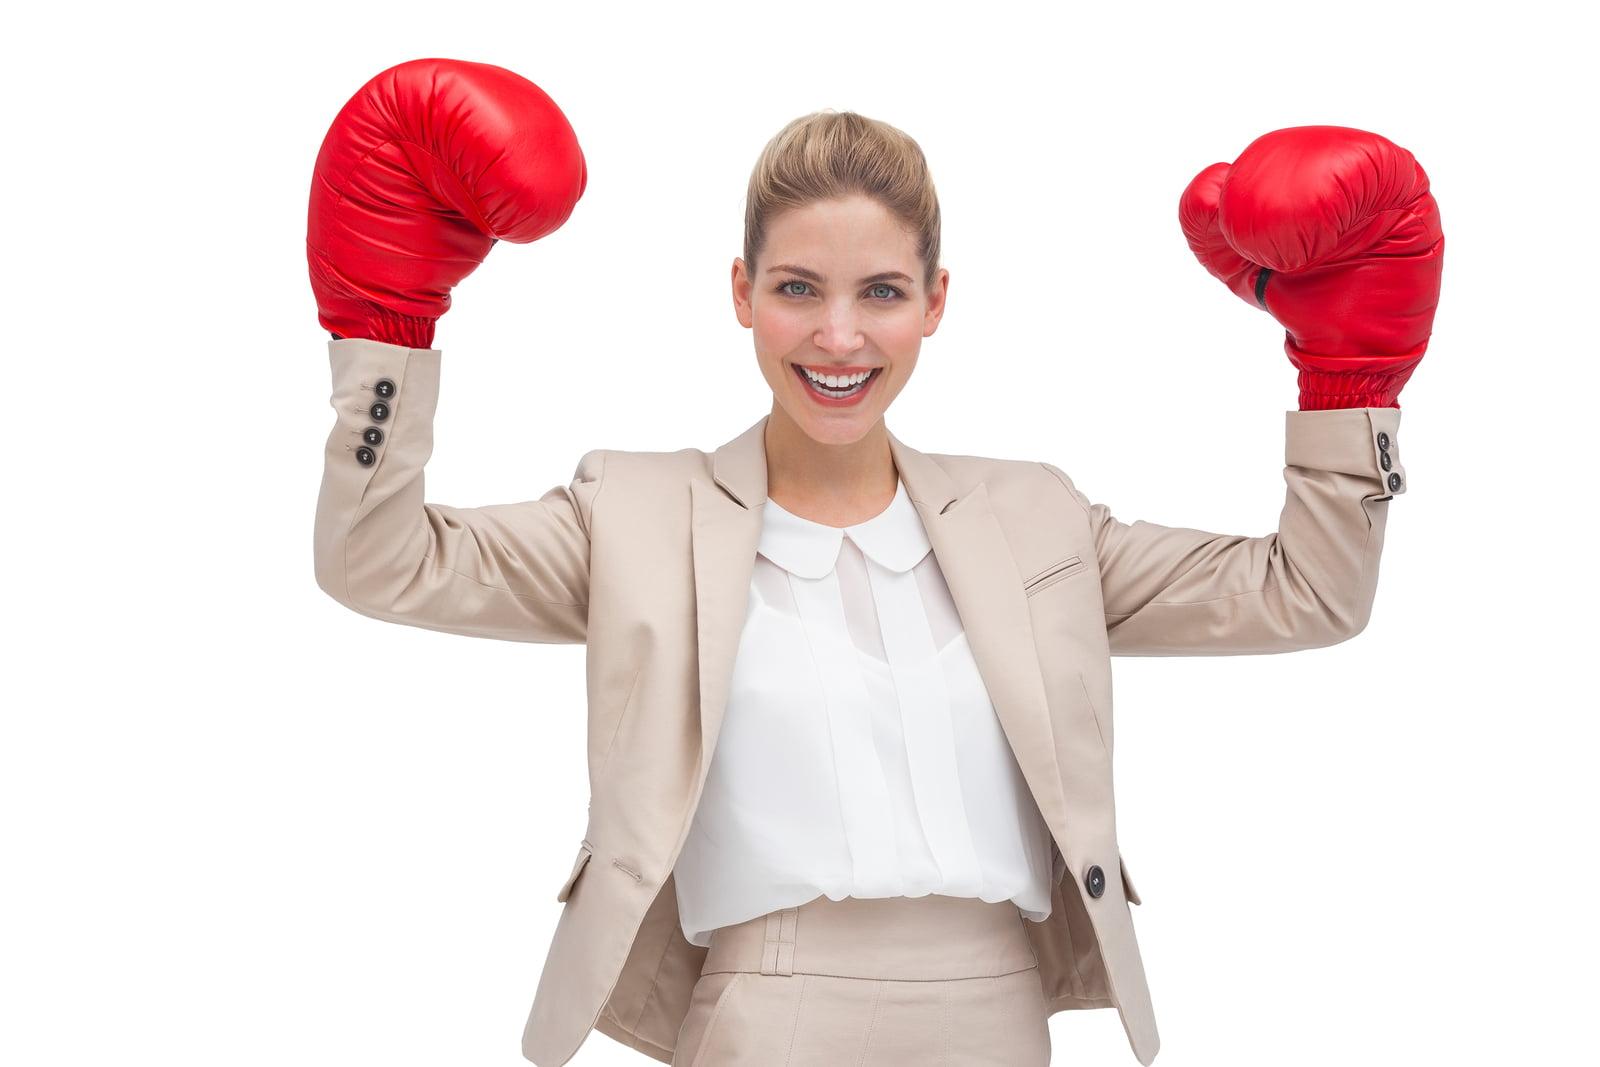 Powerful businesswoman